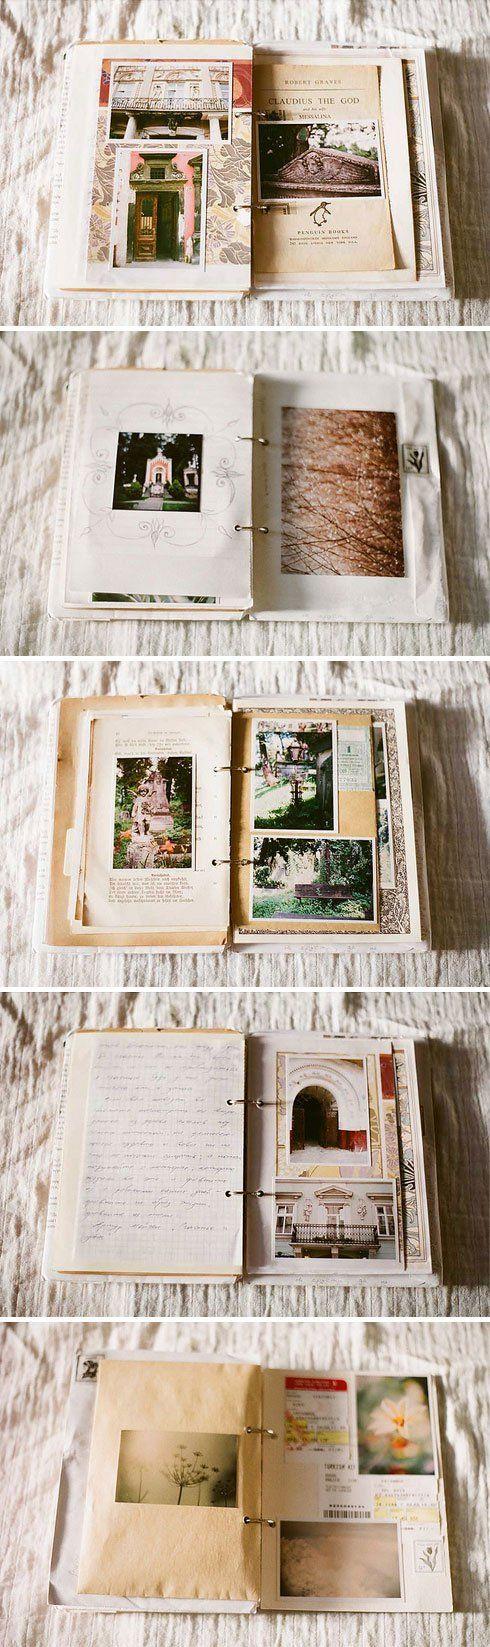 Faça do seu sketbook um livro de lembrança.